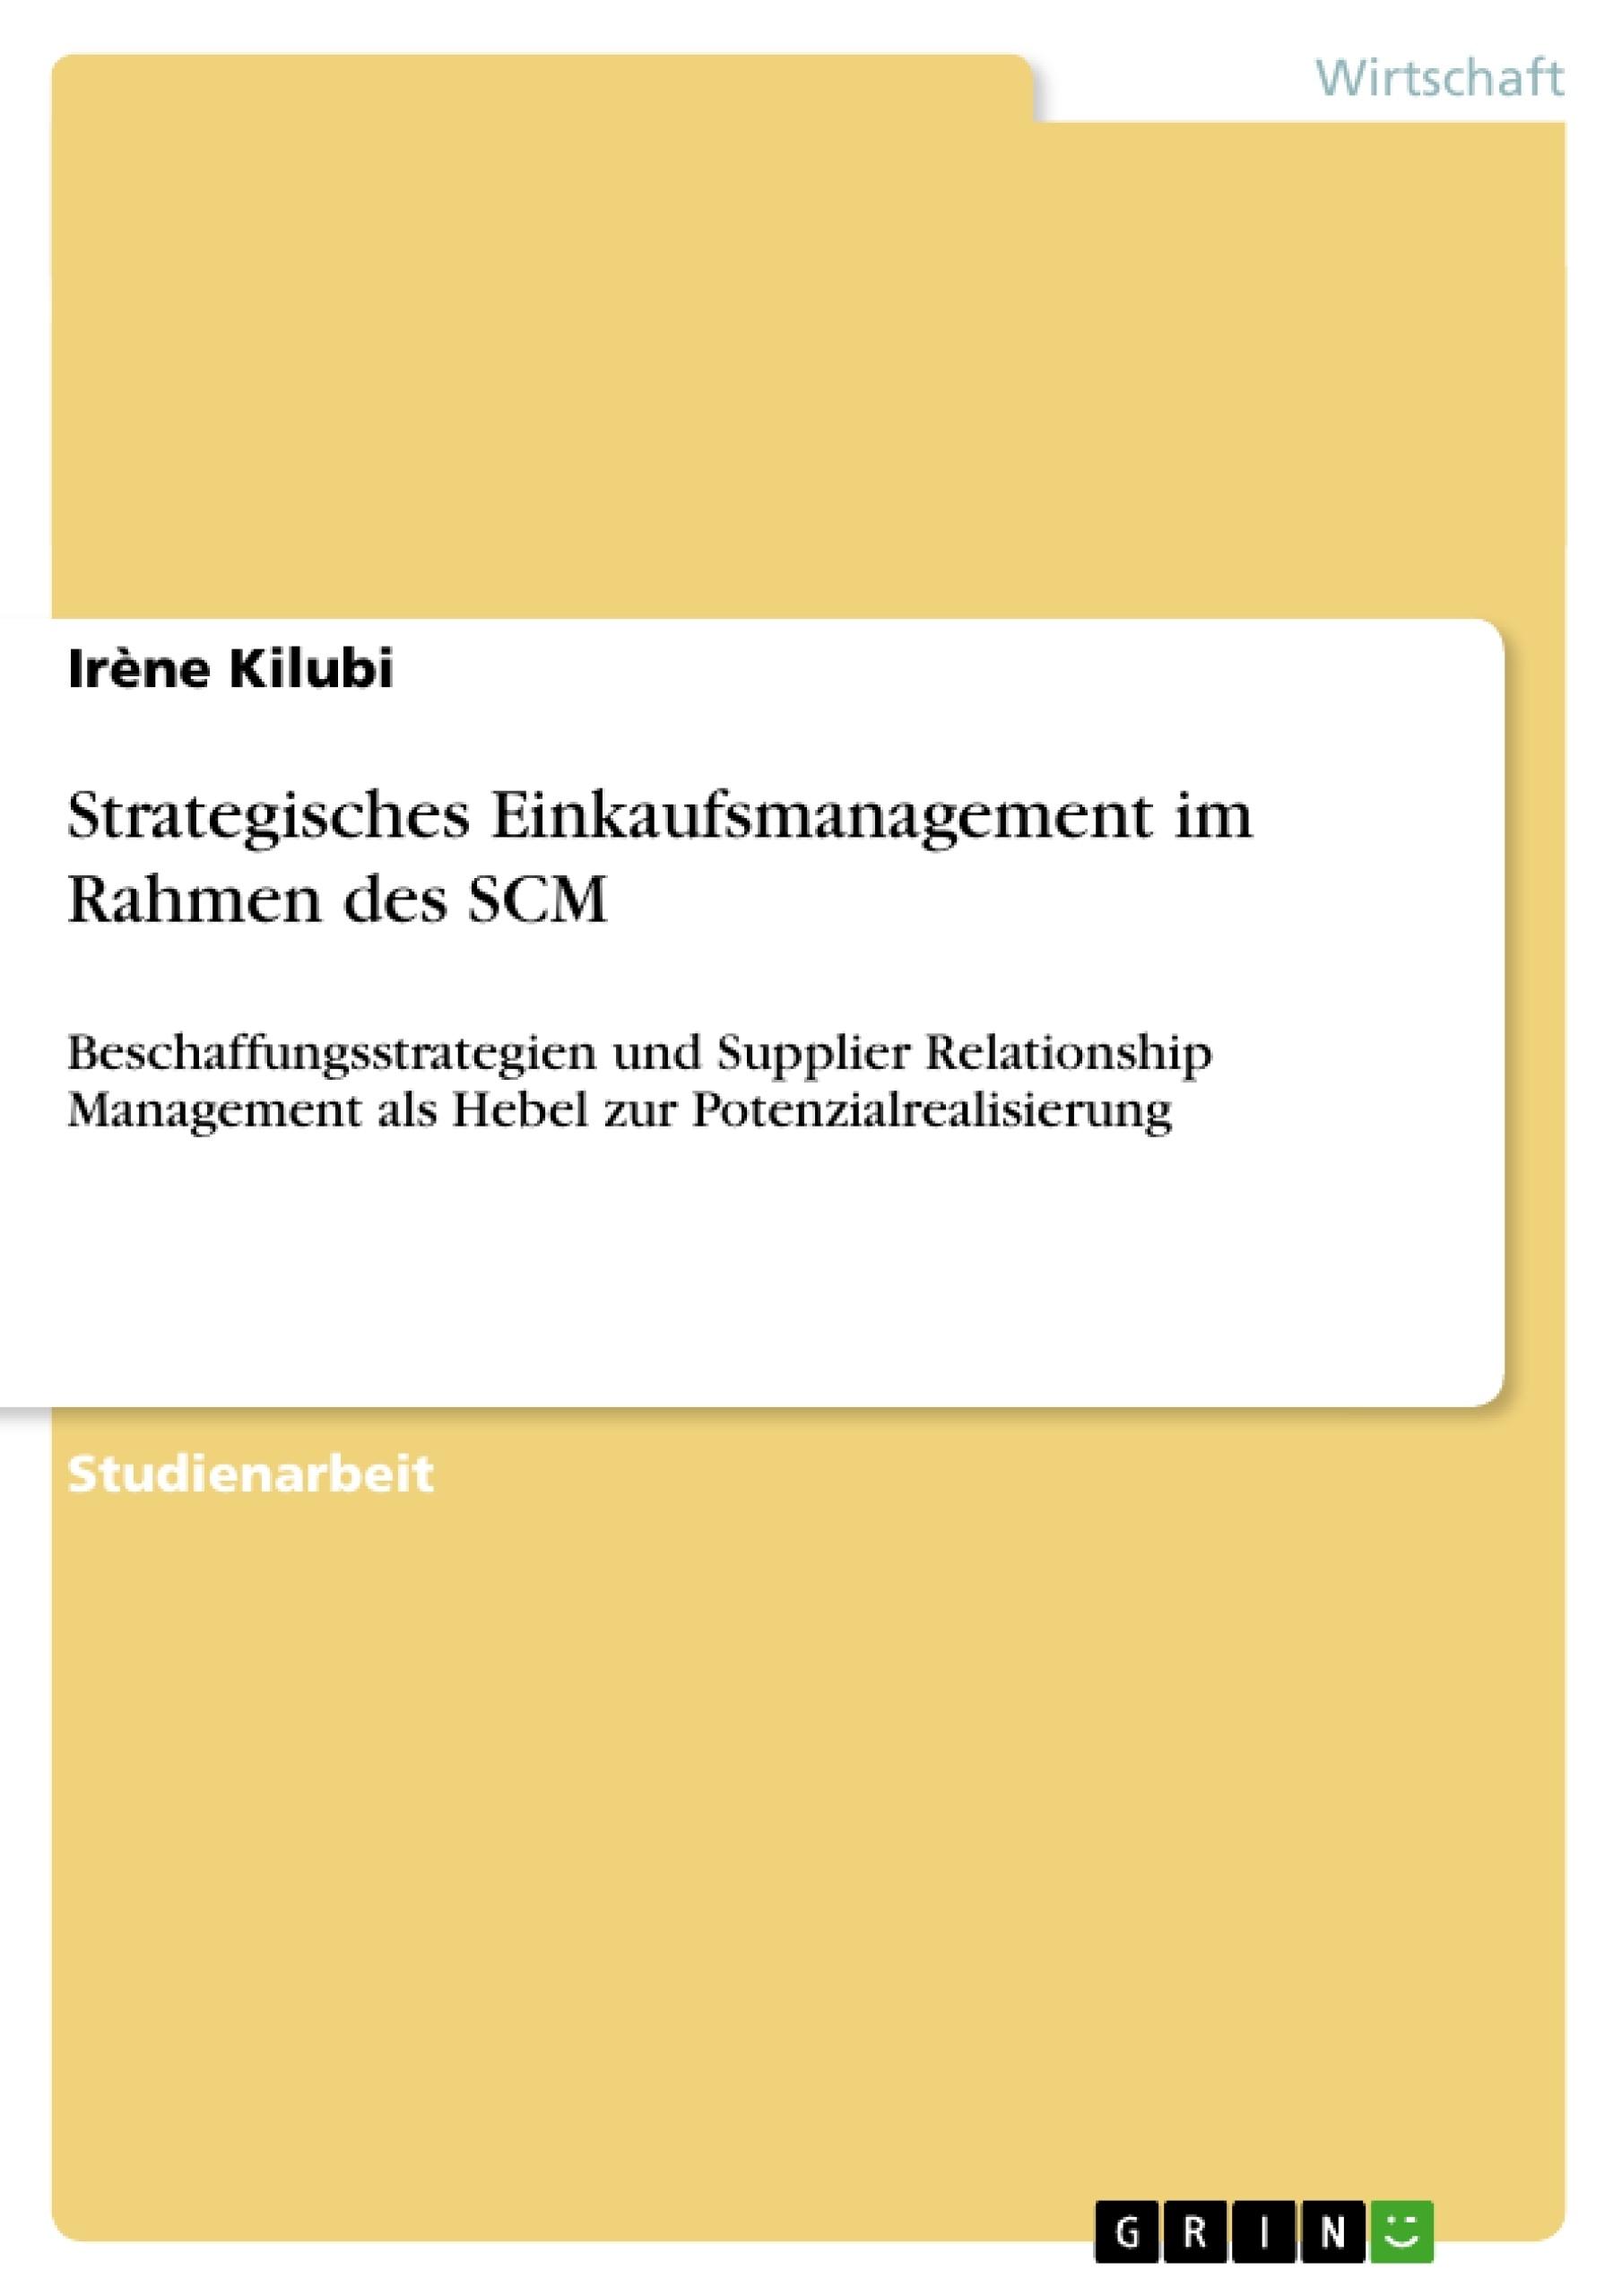 Titel: Strategisches Einkaufsmanagement im Rahmen des SCM